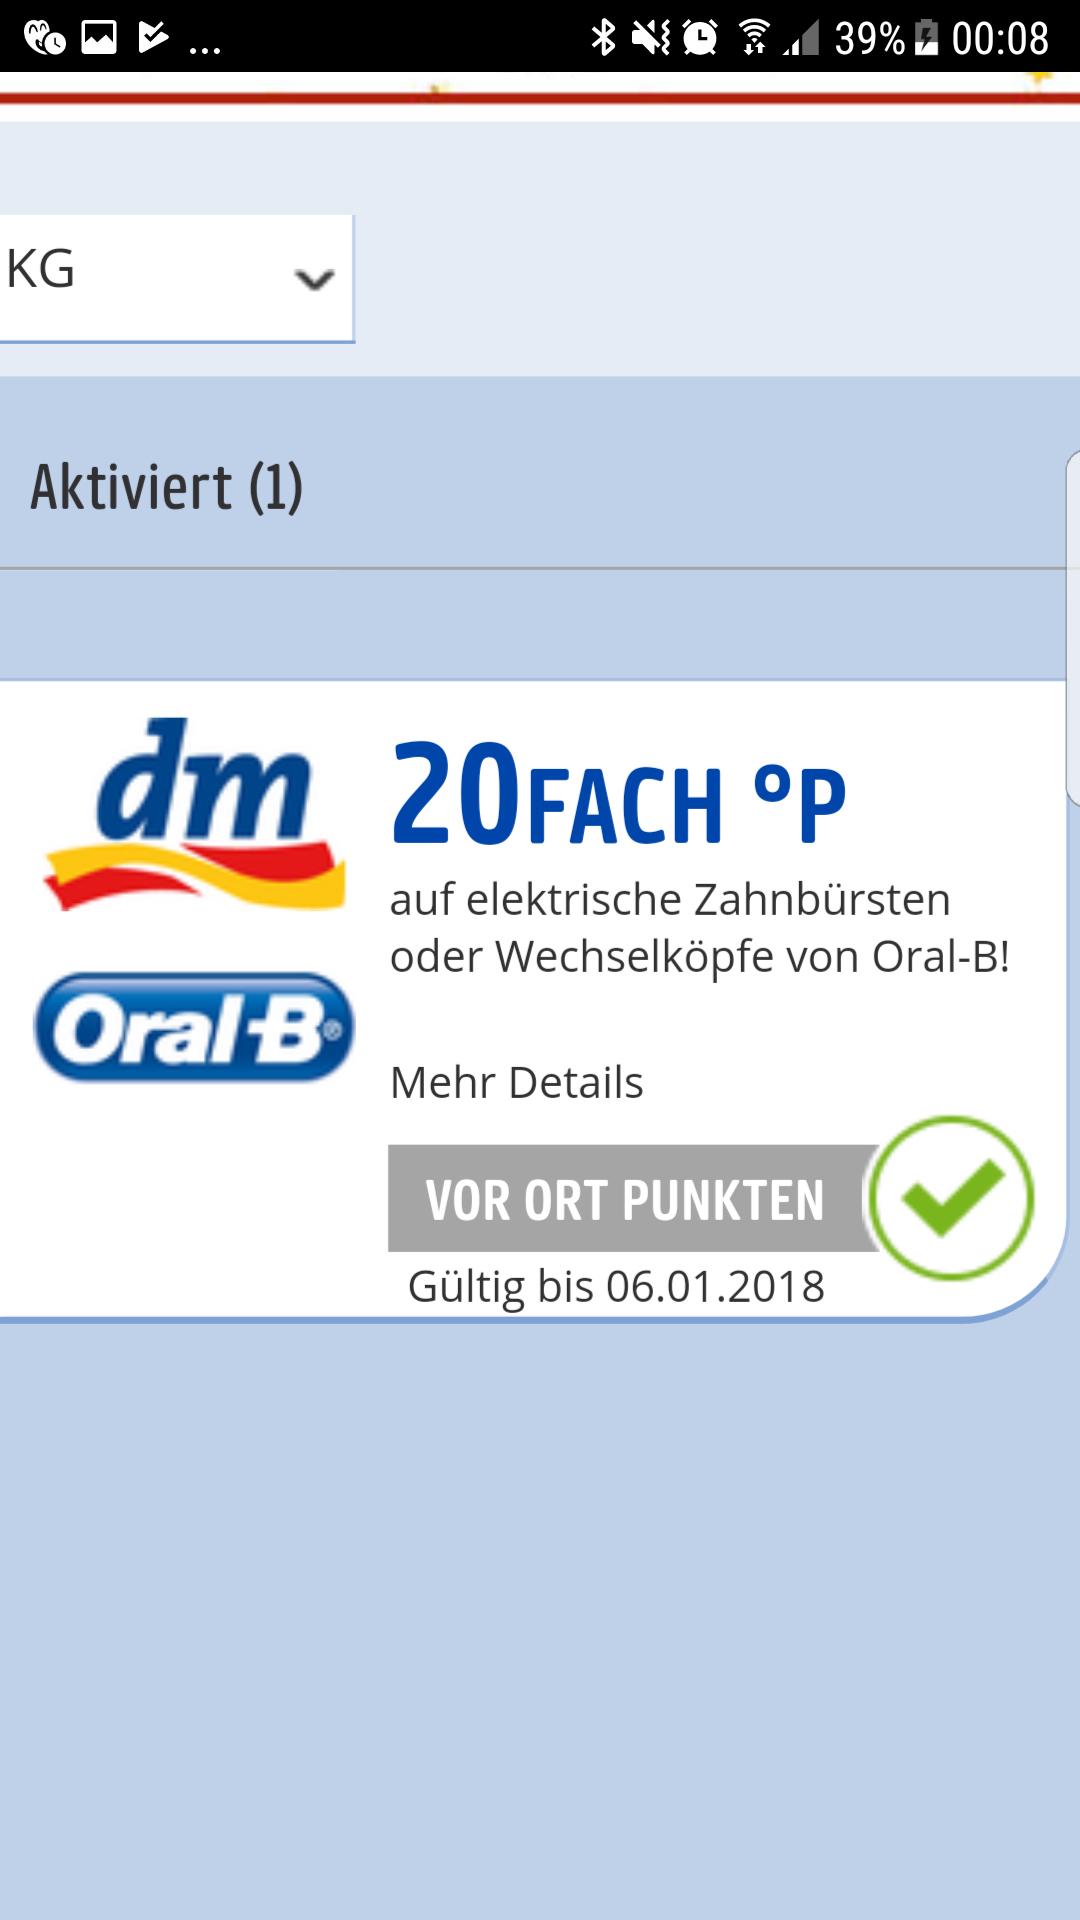 [Payback] 20fach Punkte auf Oral-B Produkte (nicht für alle...)